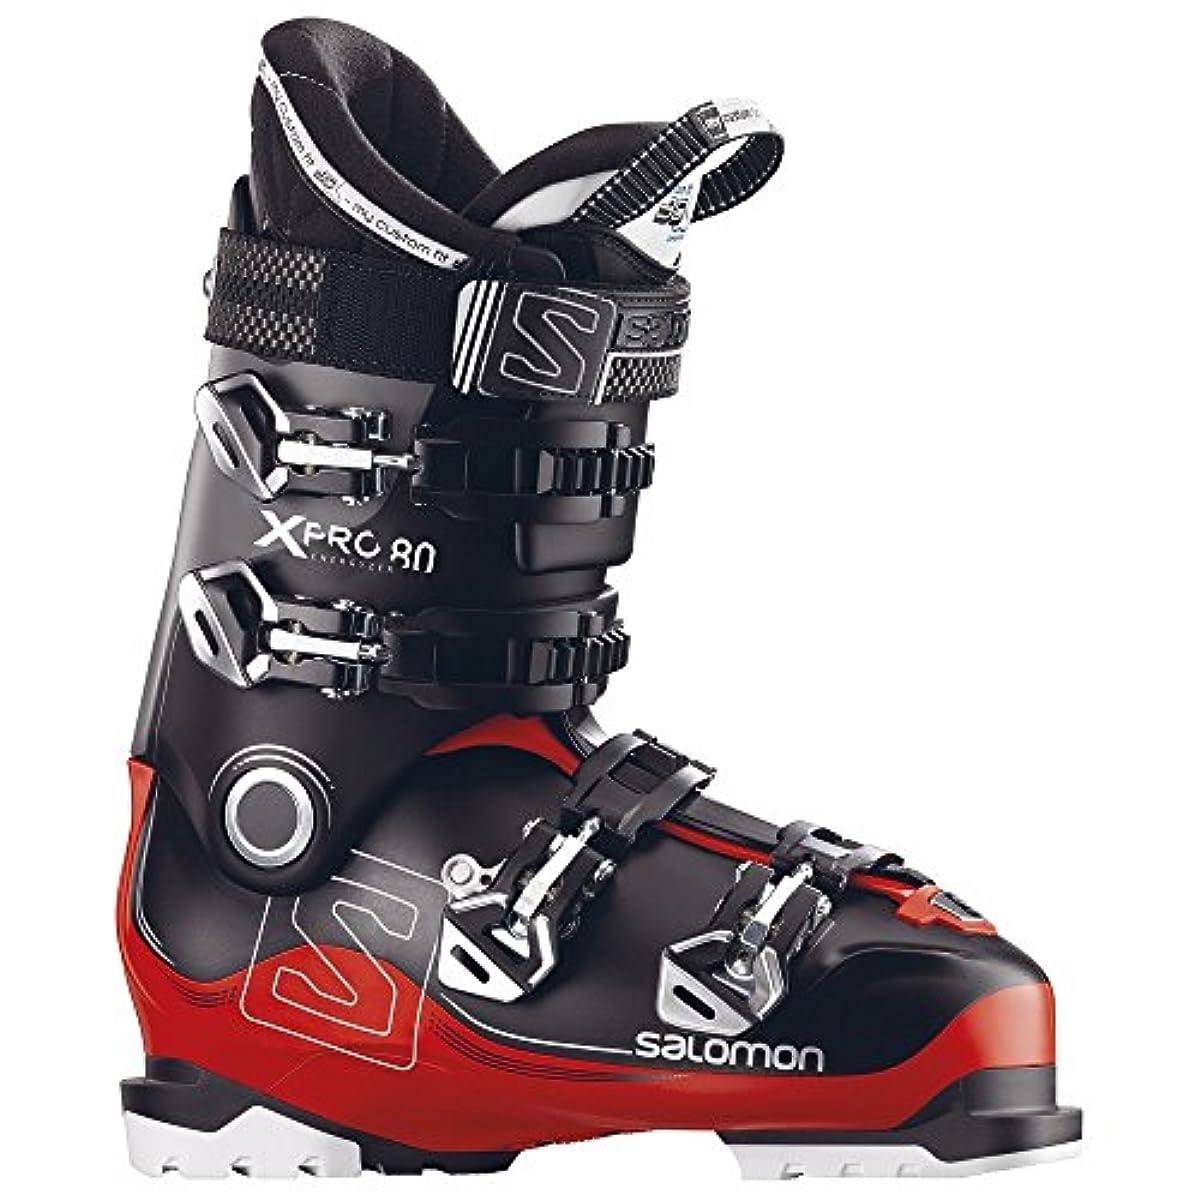 [해외] 살로몬SALOMON 스키화 X PRO 80 X 프로 80 2016-17 모델